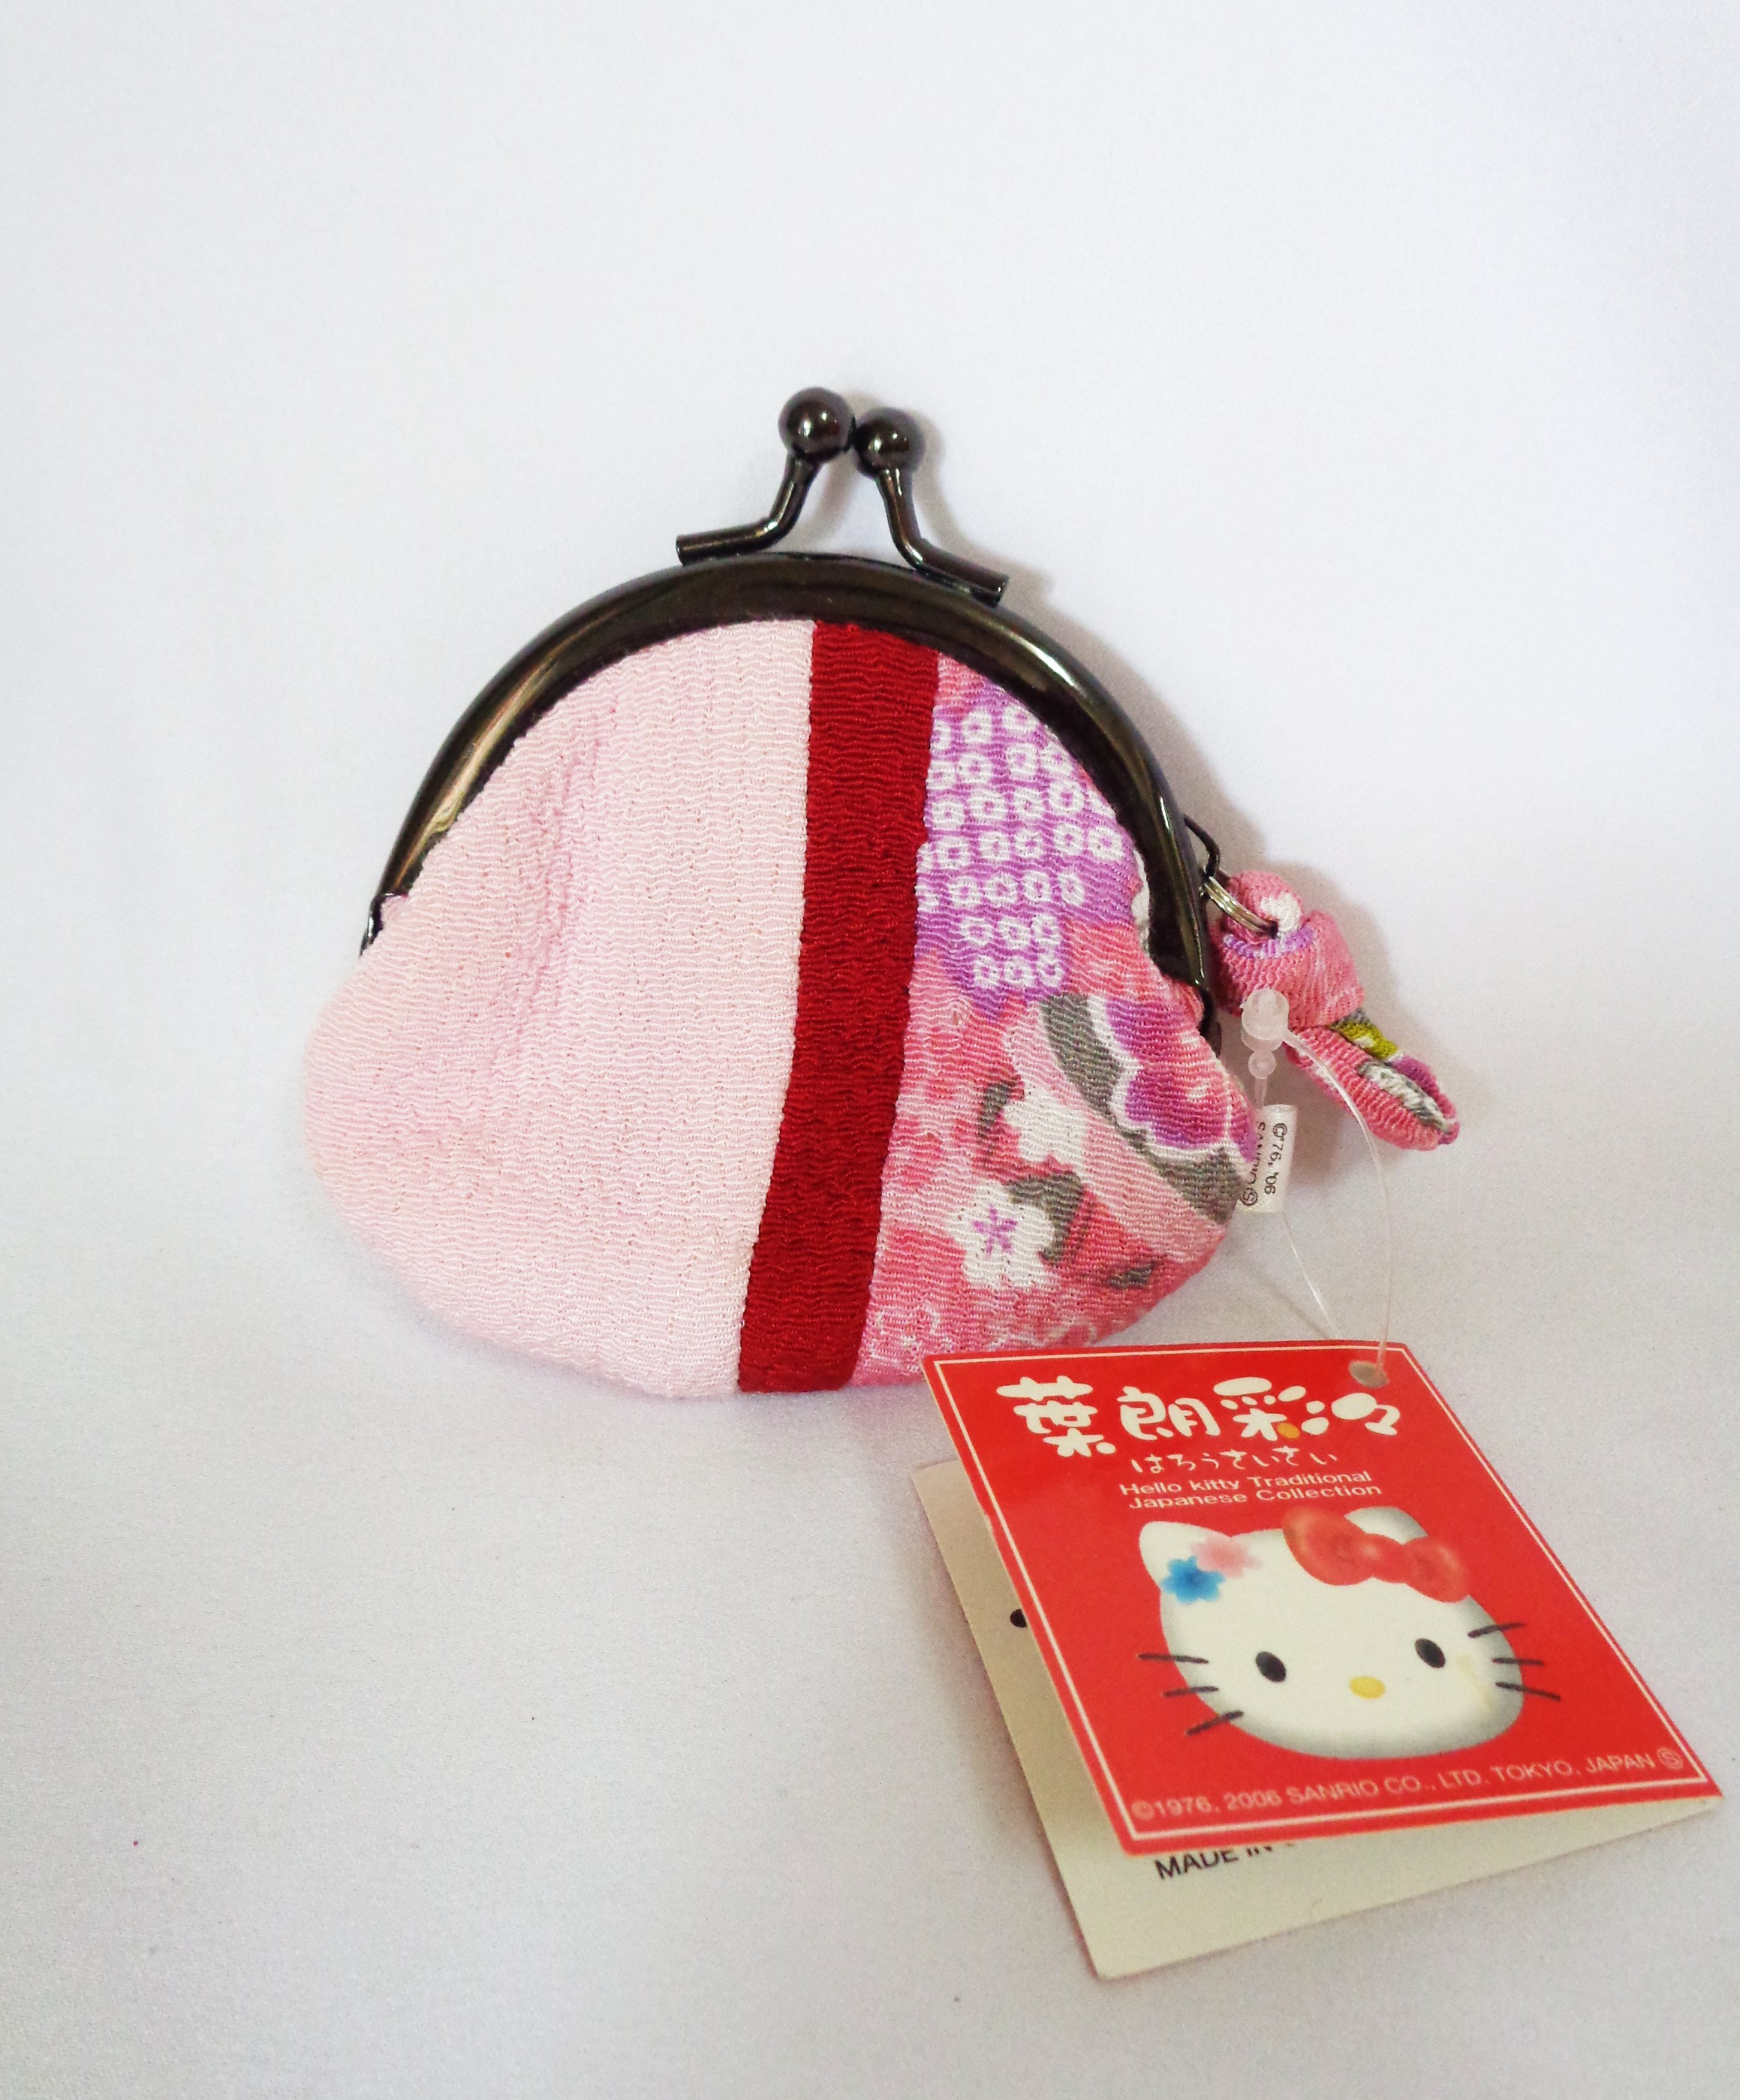 กระเป๋าใส่เหรียญHello Kitty